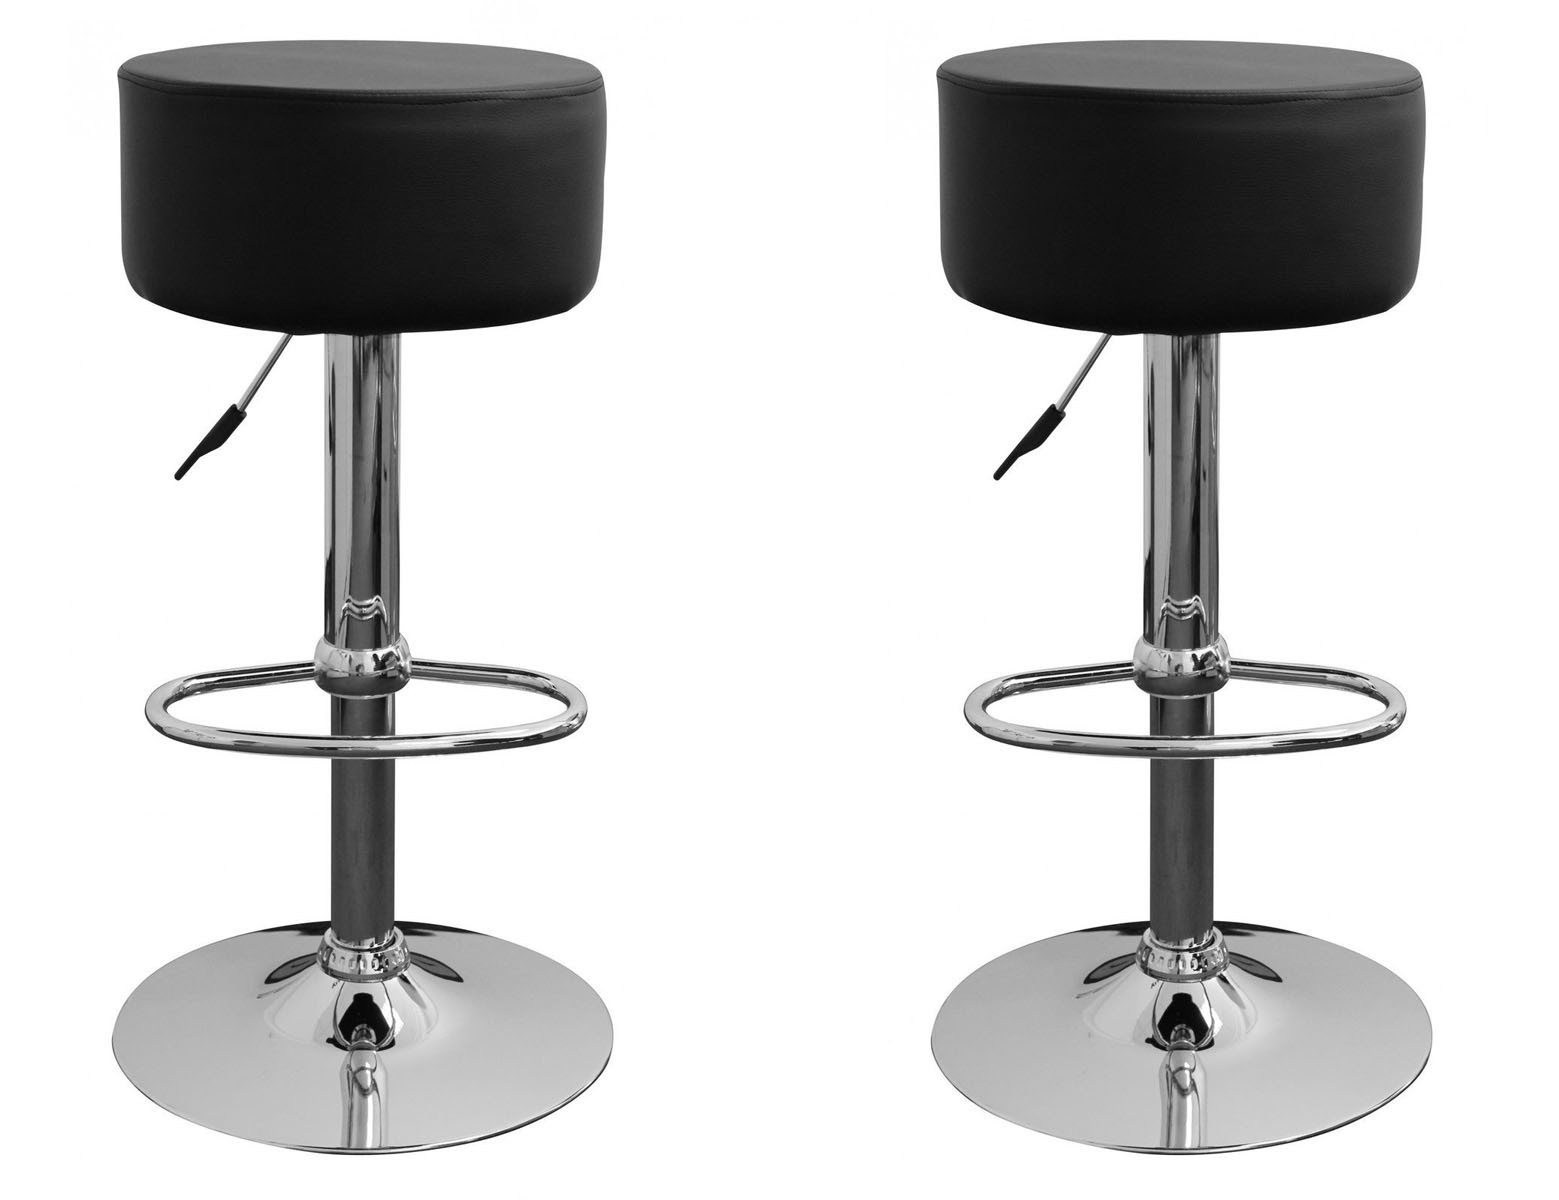 Sgabello hamburg xh coppia di sgabelli design stool